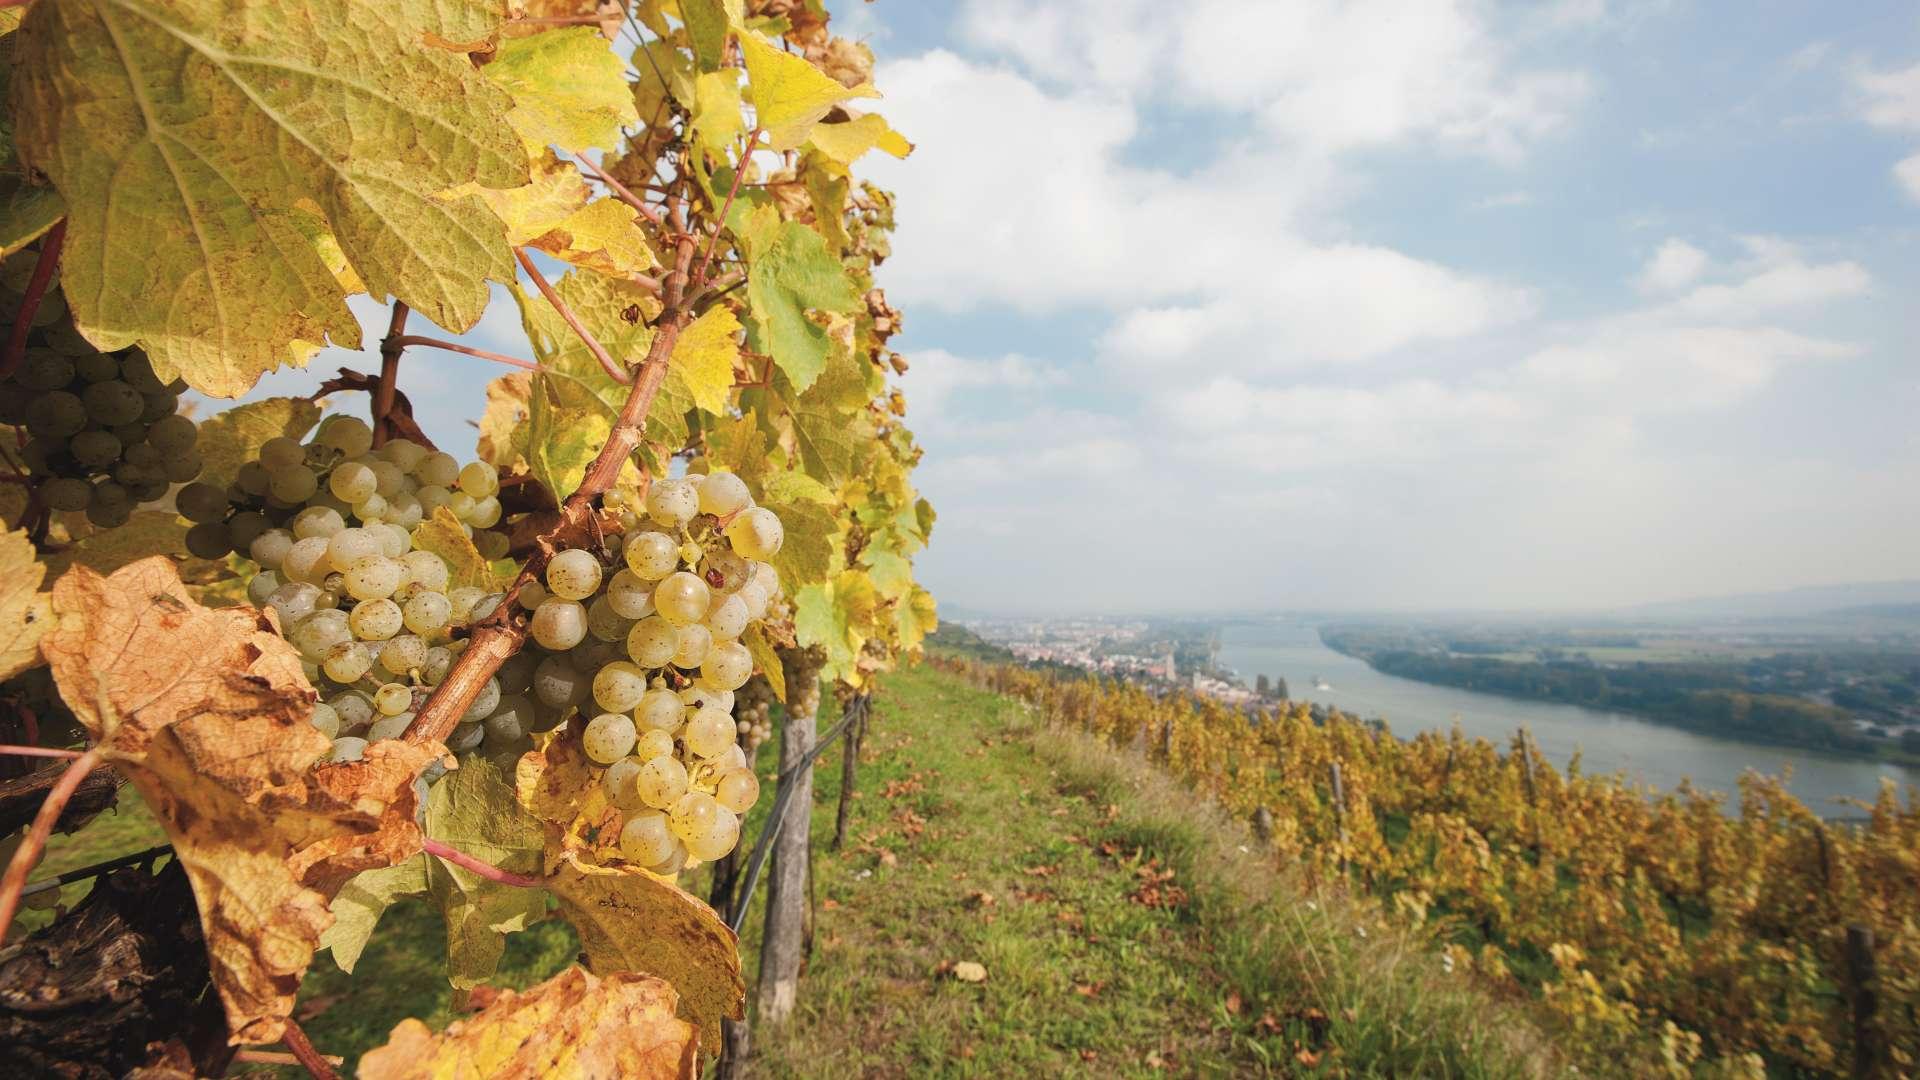 Vinohrad a krajina